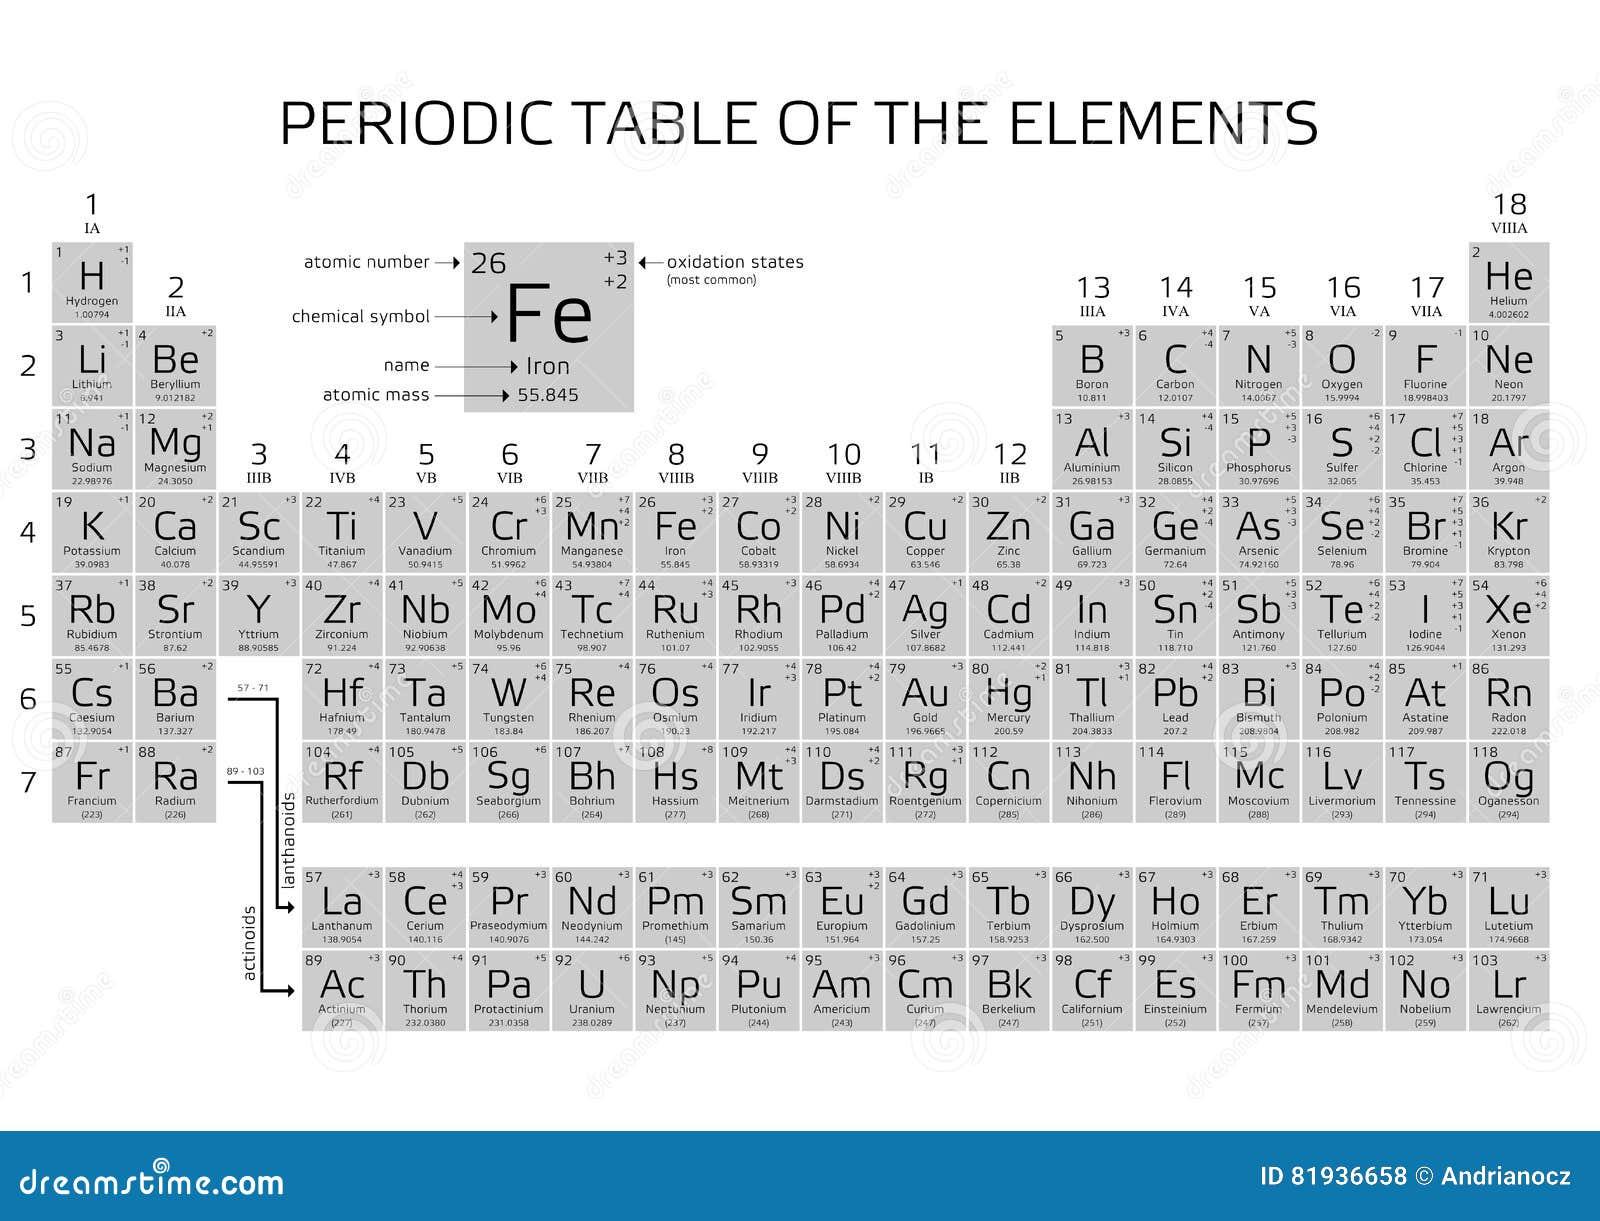 Tavola periodica degli elementi del s di mendeleev con i nuovi elementi 2016 illustrazione di - Tavola periodica zanichelli completa ...